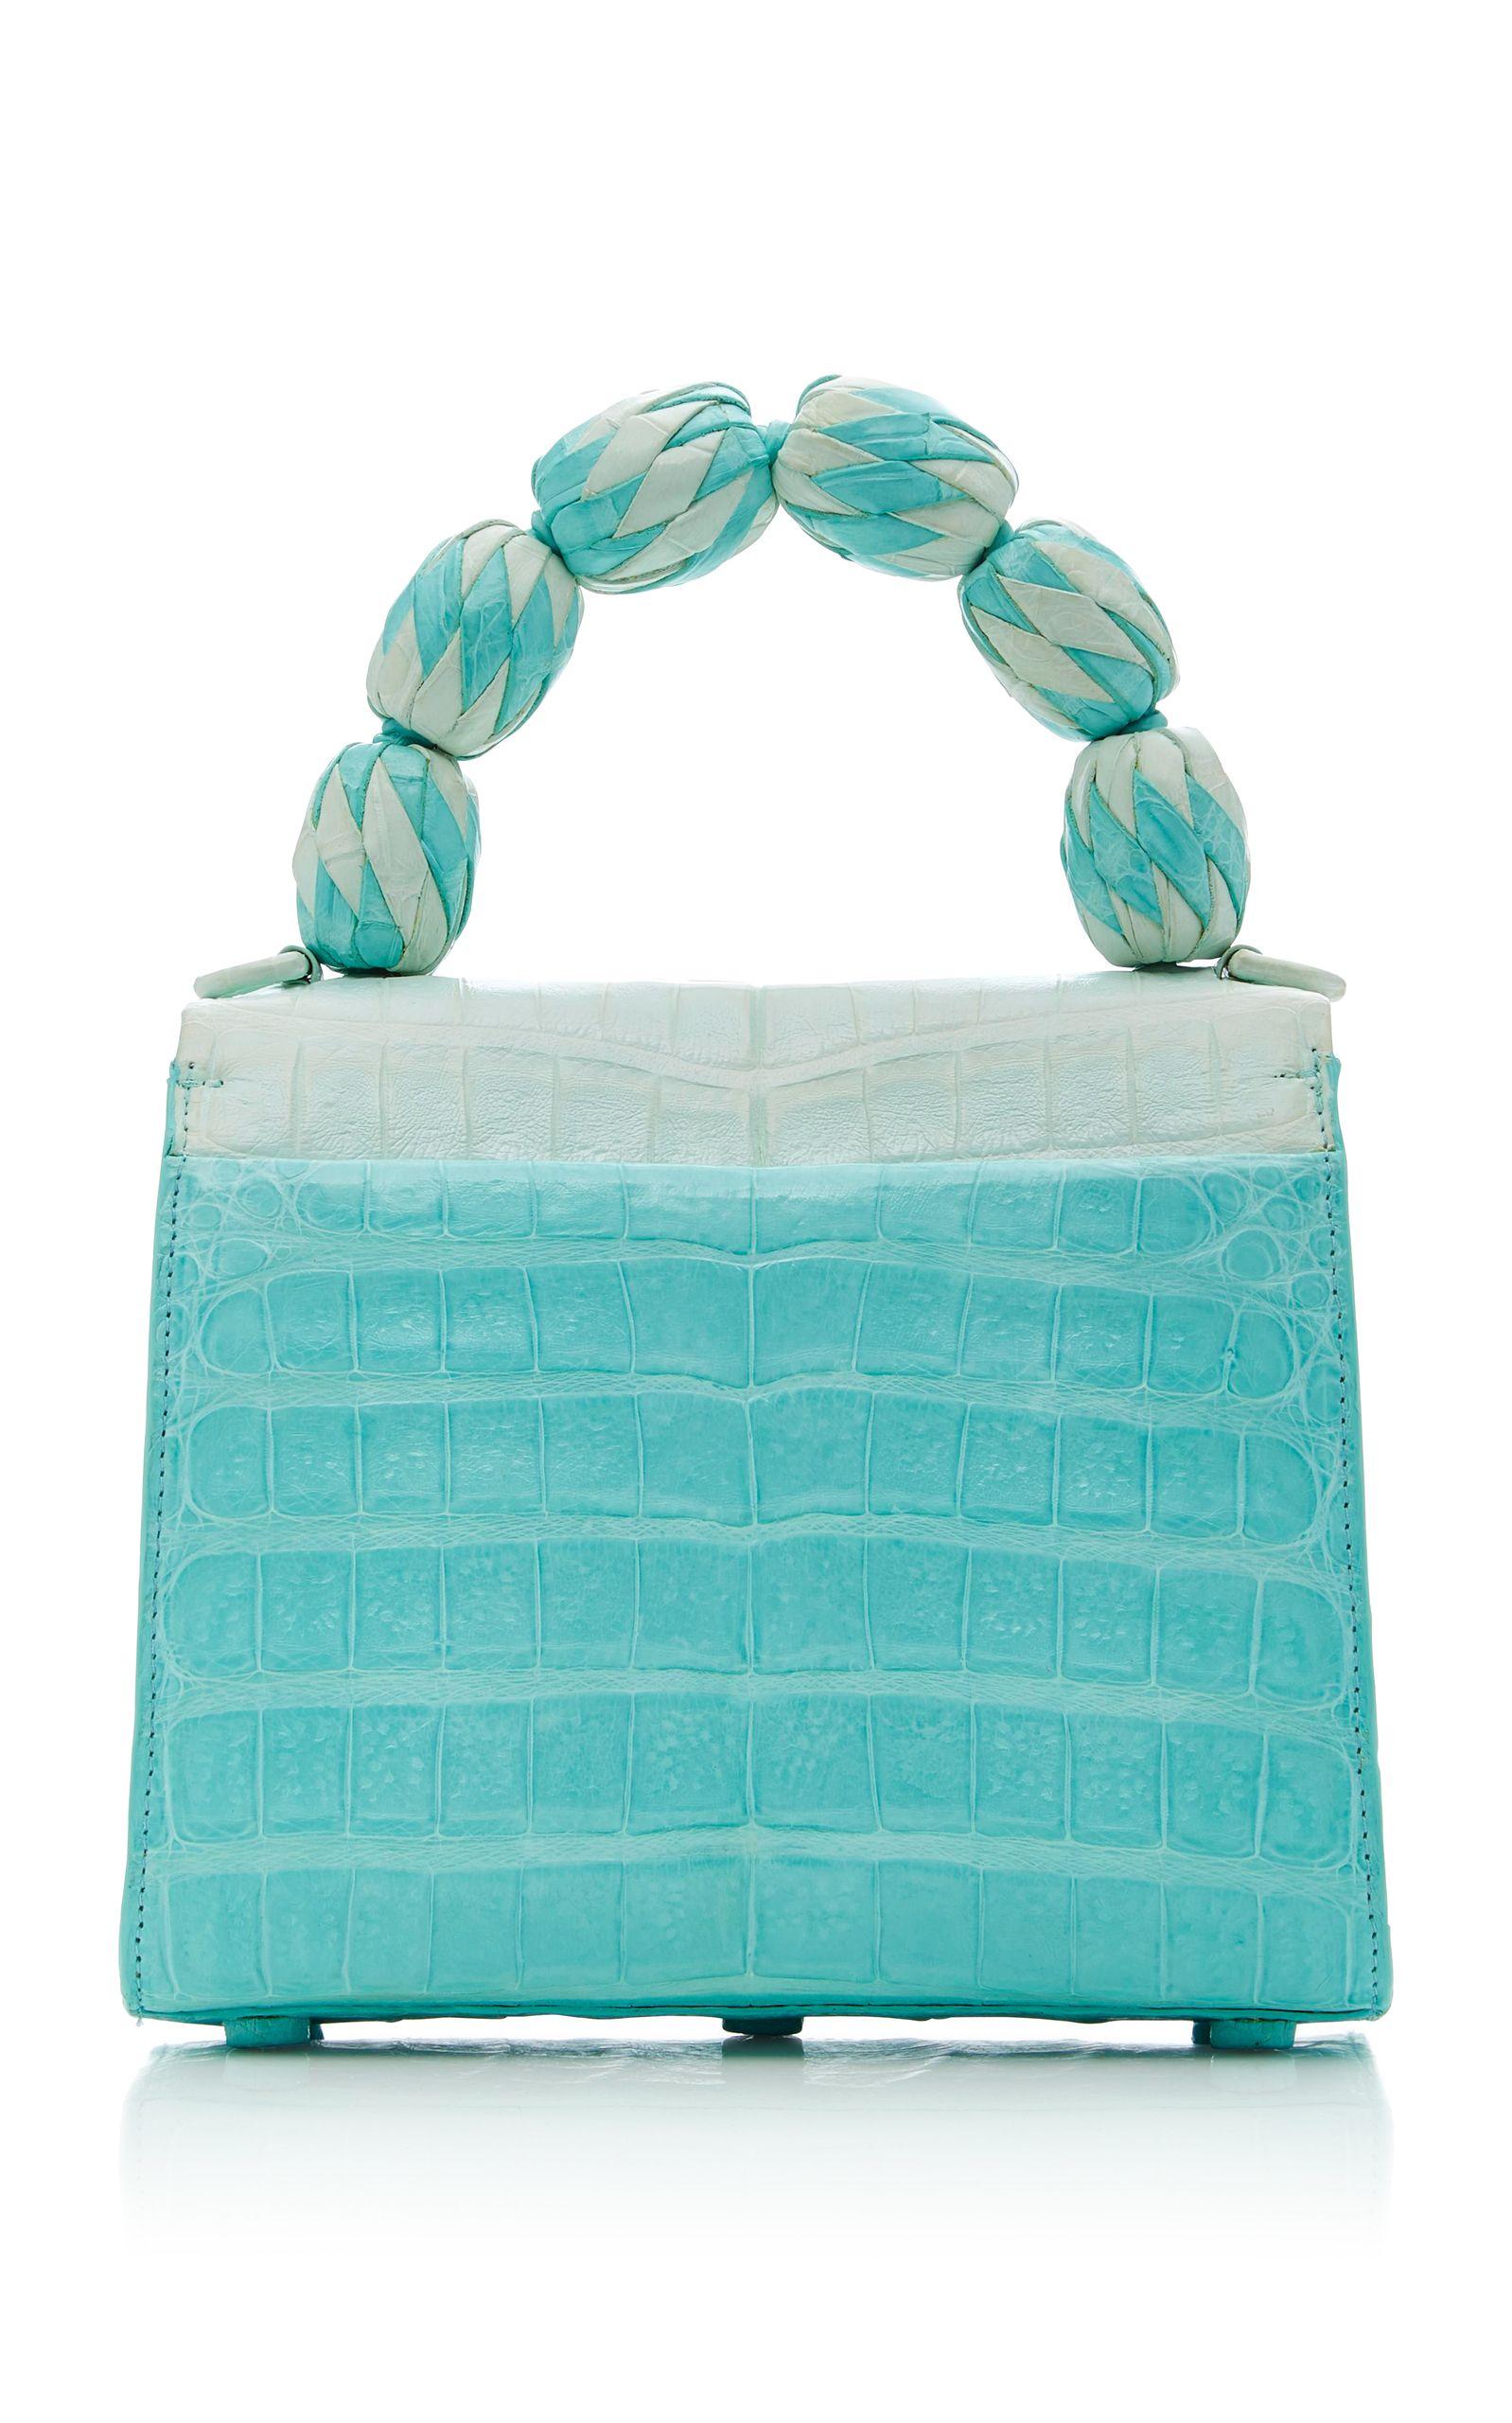 Borse Lilly Di Handle Fiesta M'o Crocodile Exclusive Bag Small pU0ffx